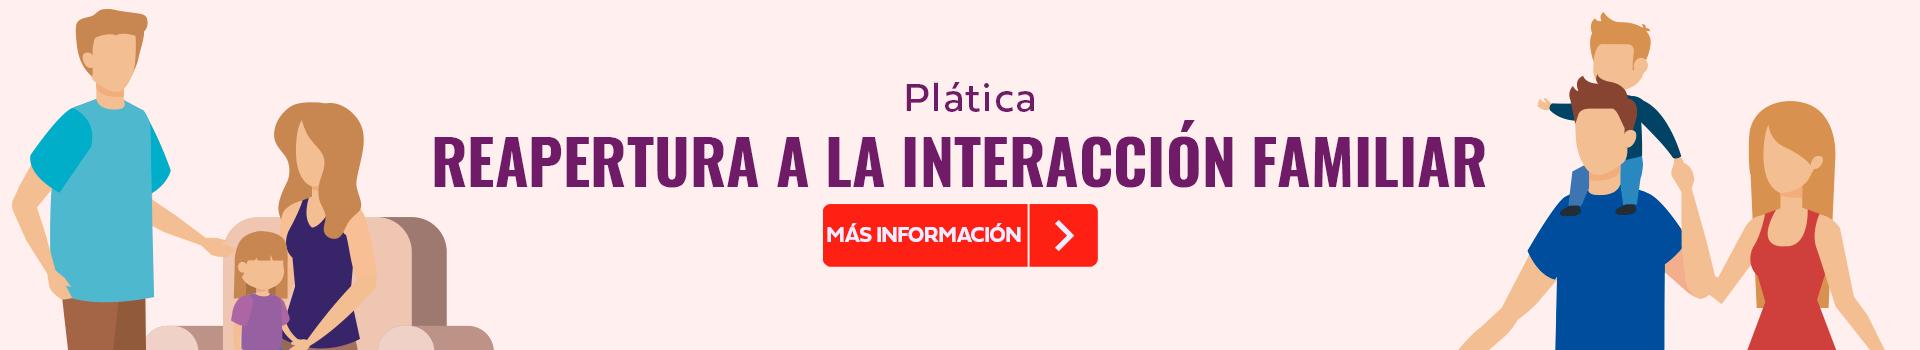 platica-interaccion-familiar